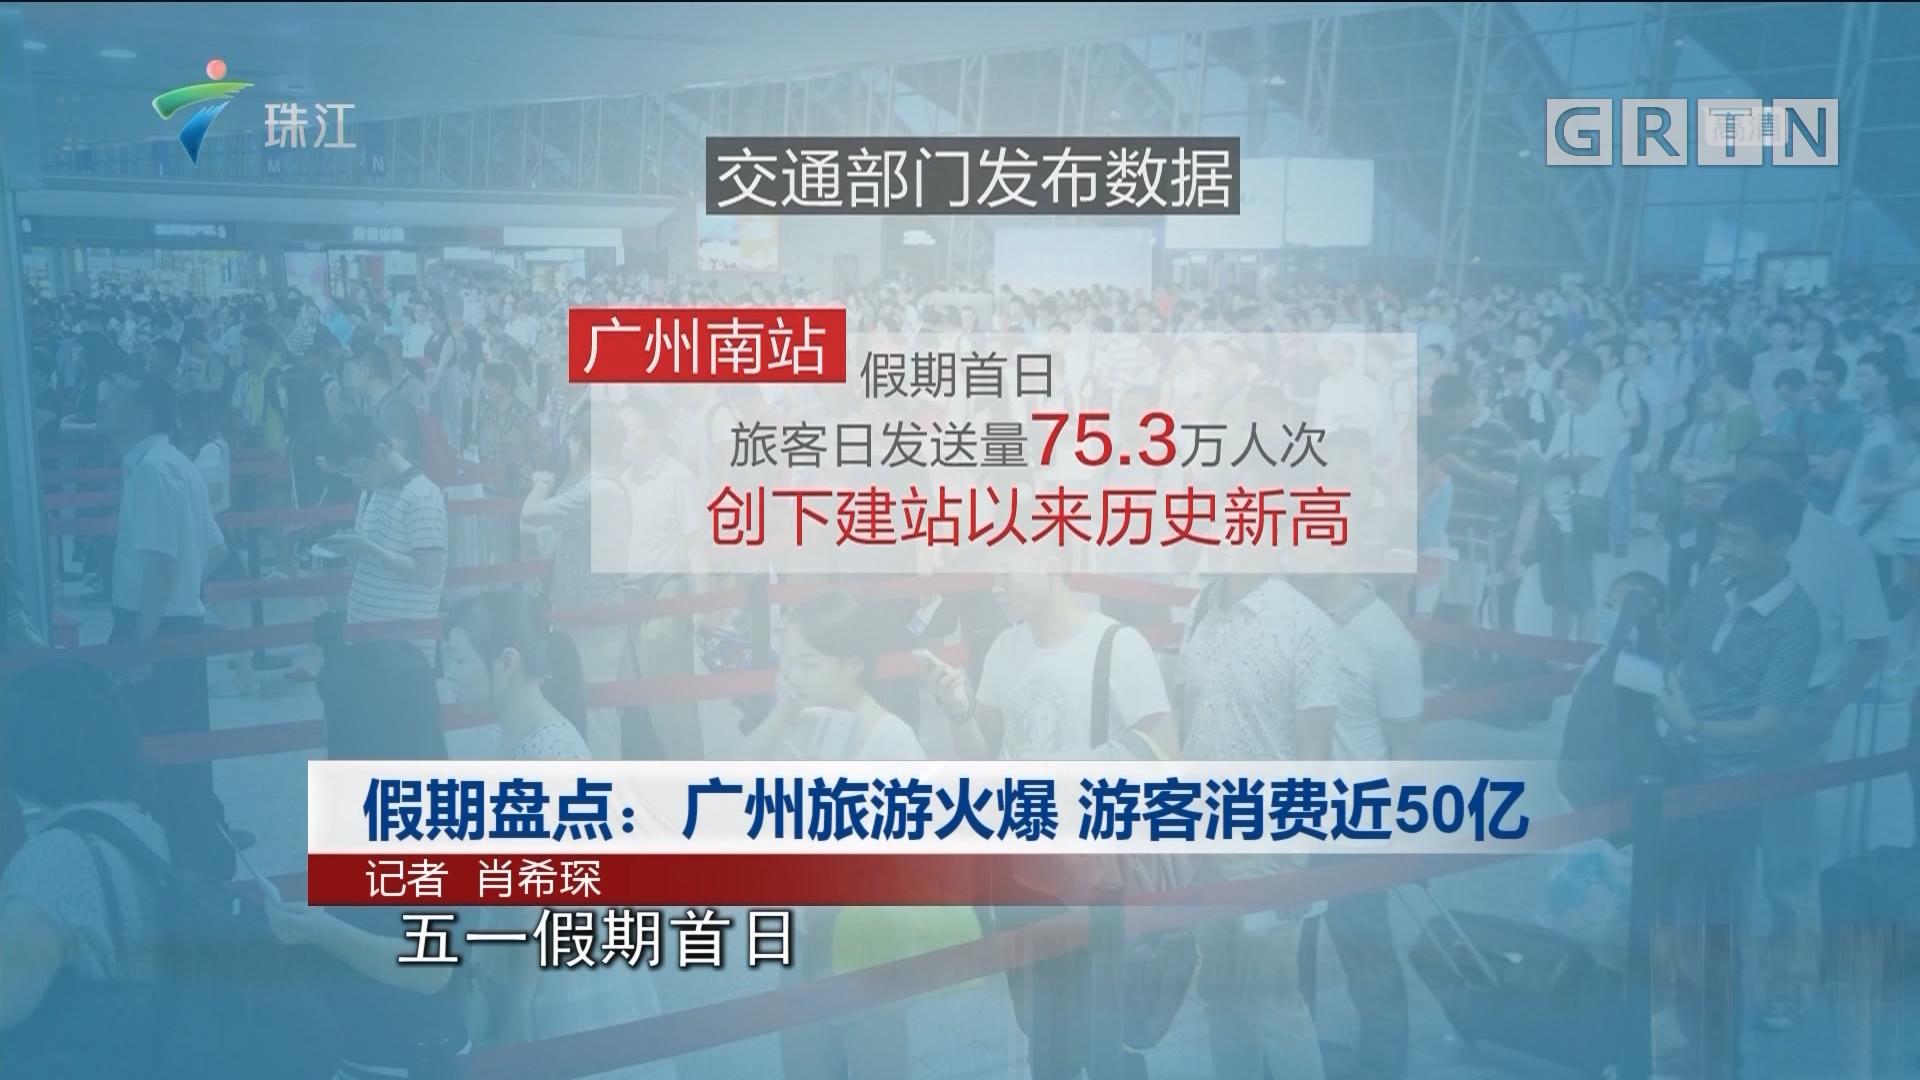 假期盘点:广州旅游火爆 游客消费近50亿